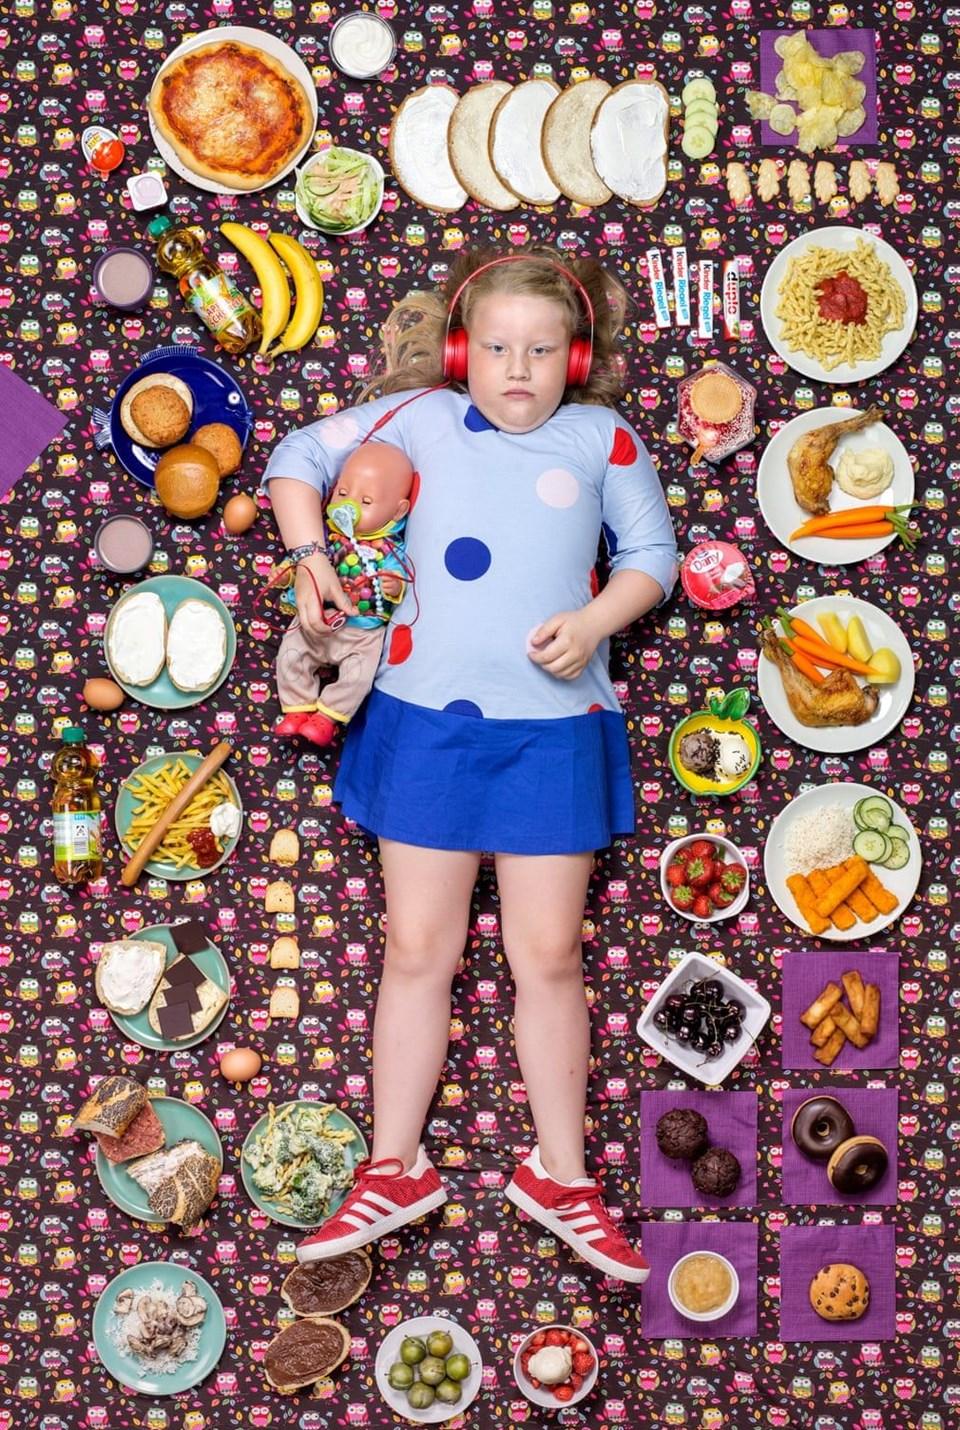 Greta Moeller, 7 yaşında, Almanya